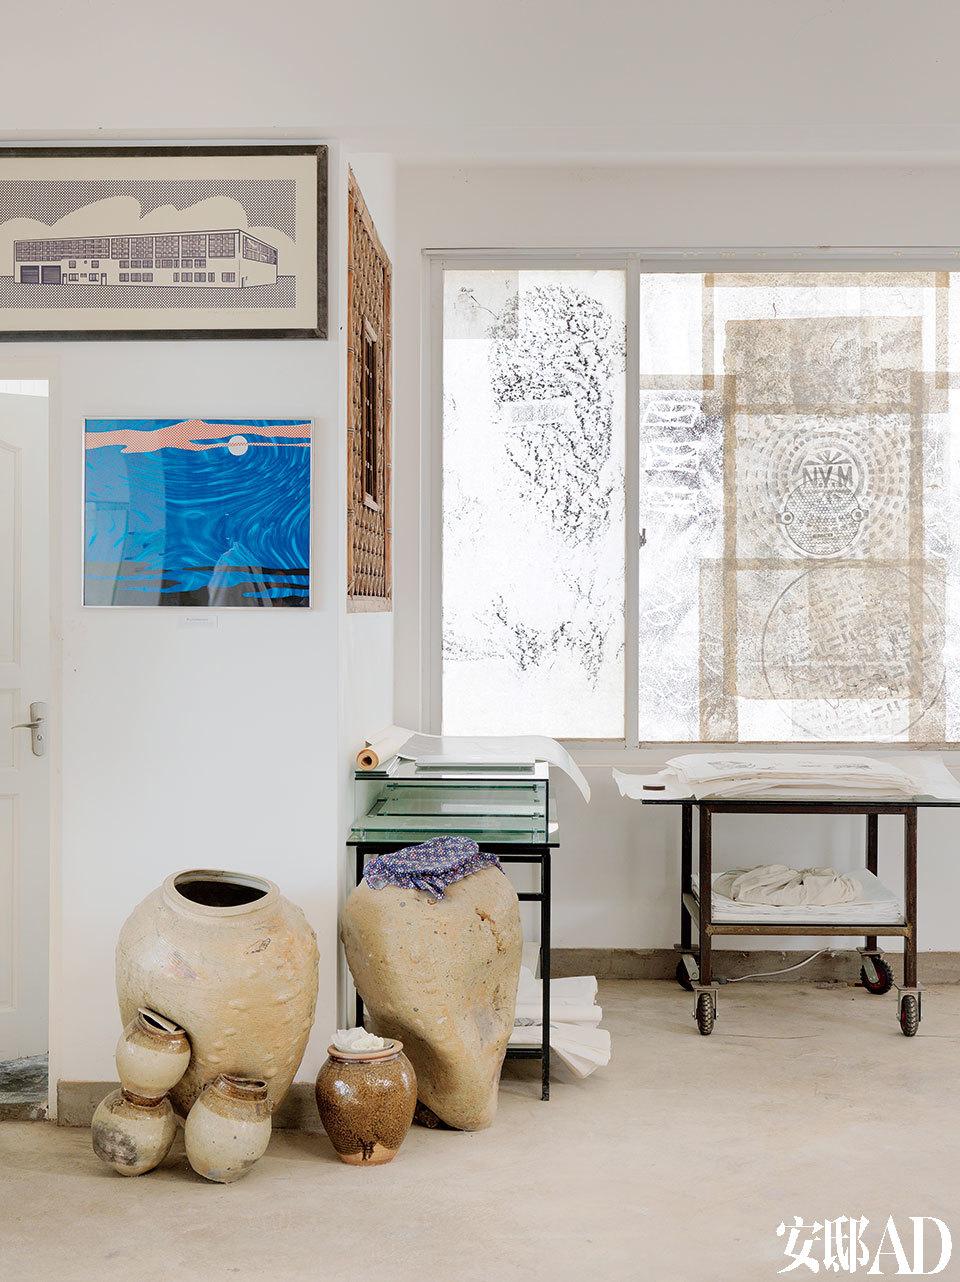 这个家从建筑到室内设计,都是由韩湘宁亲自操刀,有一种挑战常规的艺术家浪漫情怀。二楼一角,墙面上是波普大家Roy Lichtenstein的版画(上)和原作(下),罐子里装着纸和画,窗户上贴着韩湘宁的画作。